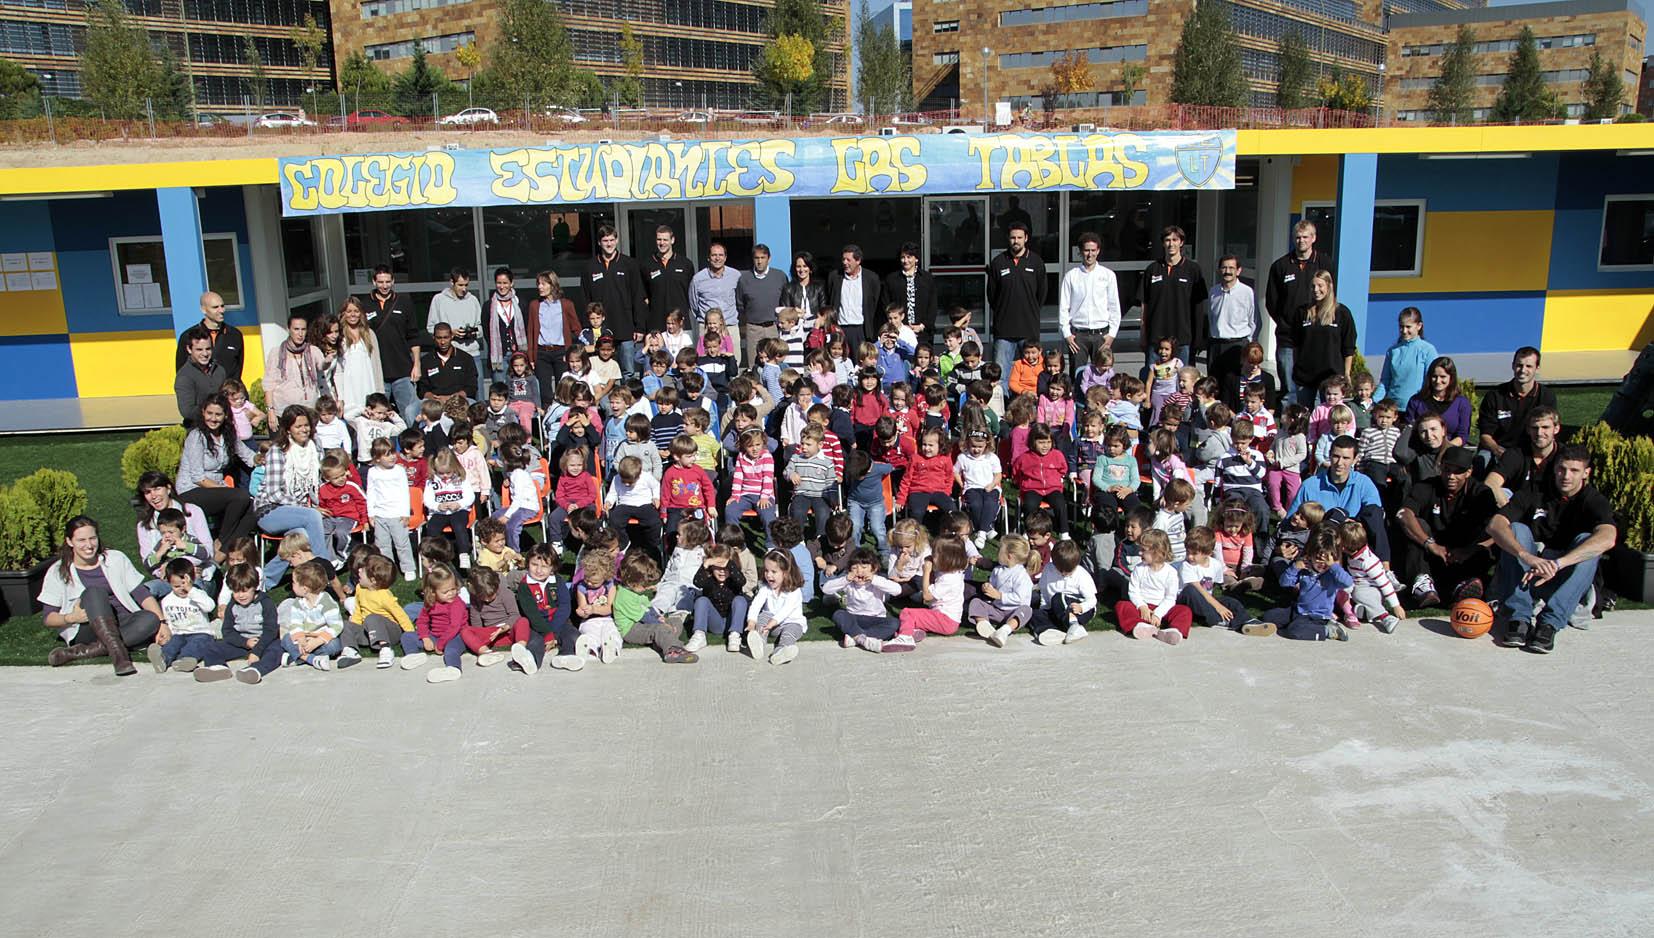 Jornada de puertas abiertas en el Colegio Estudiantes Las Tablas